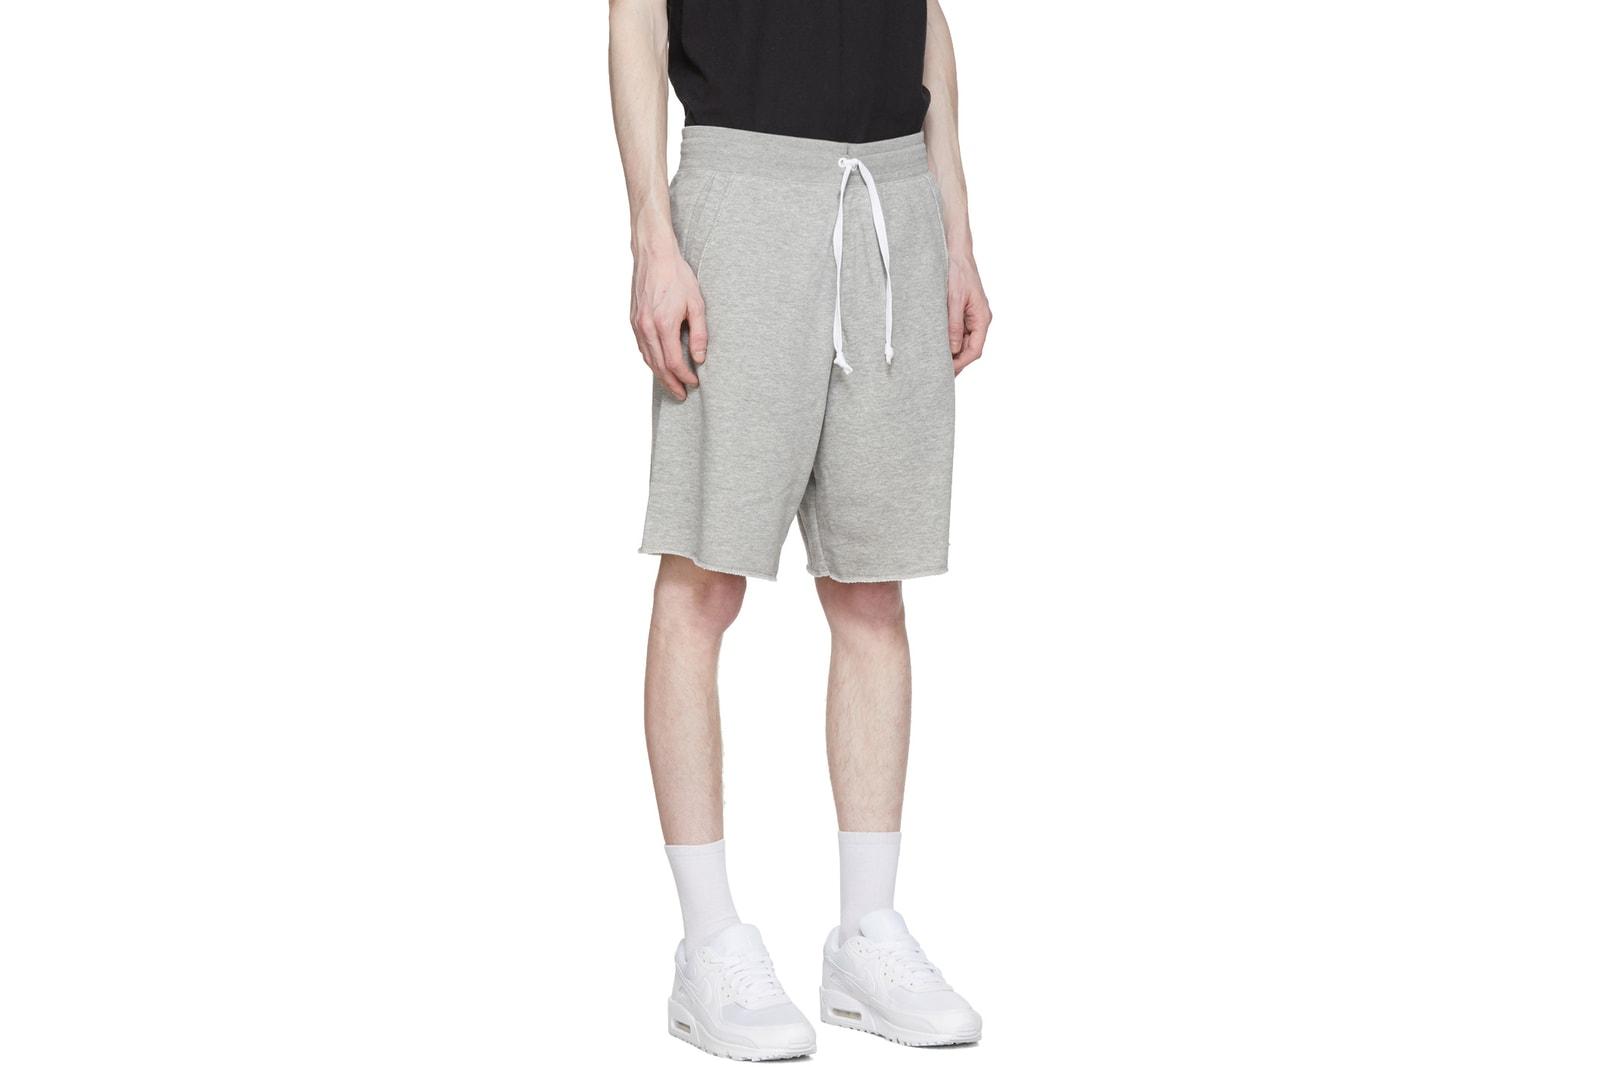 本日嚴選 10 款短褲單品入手推介